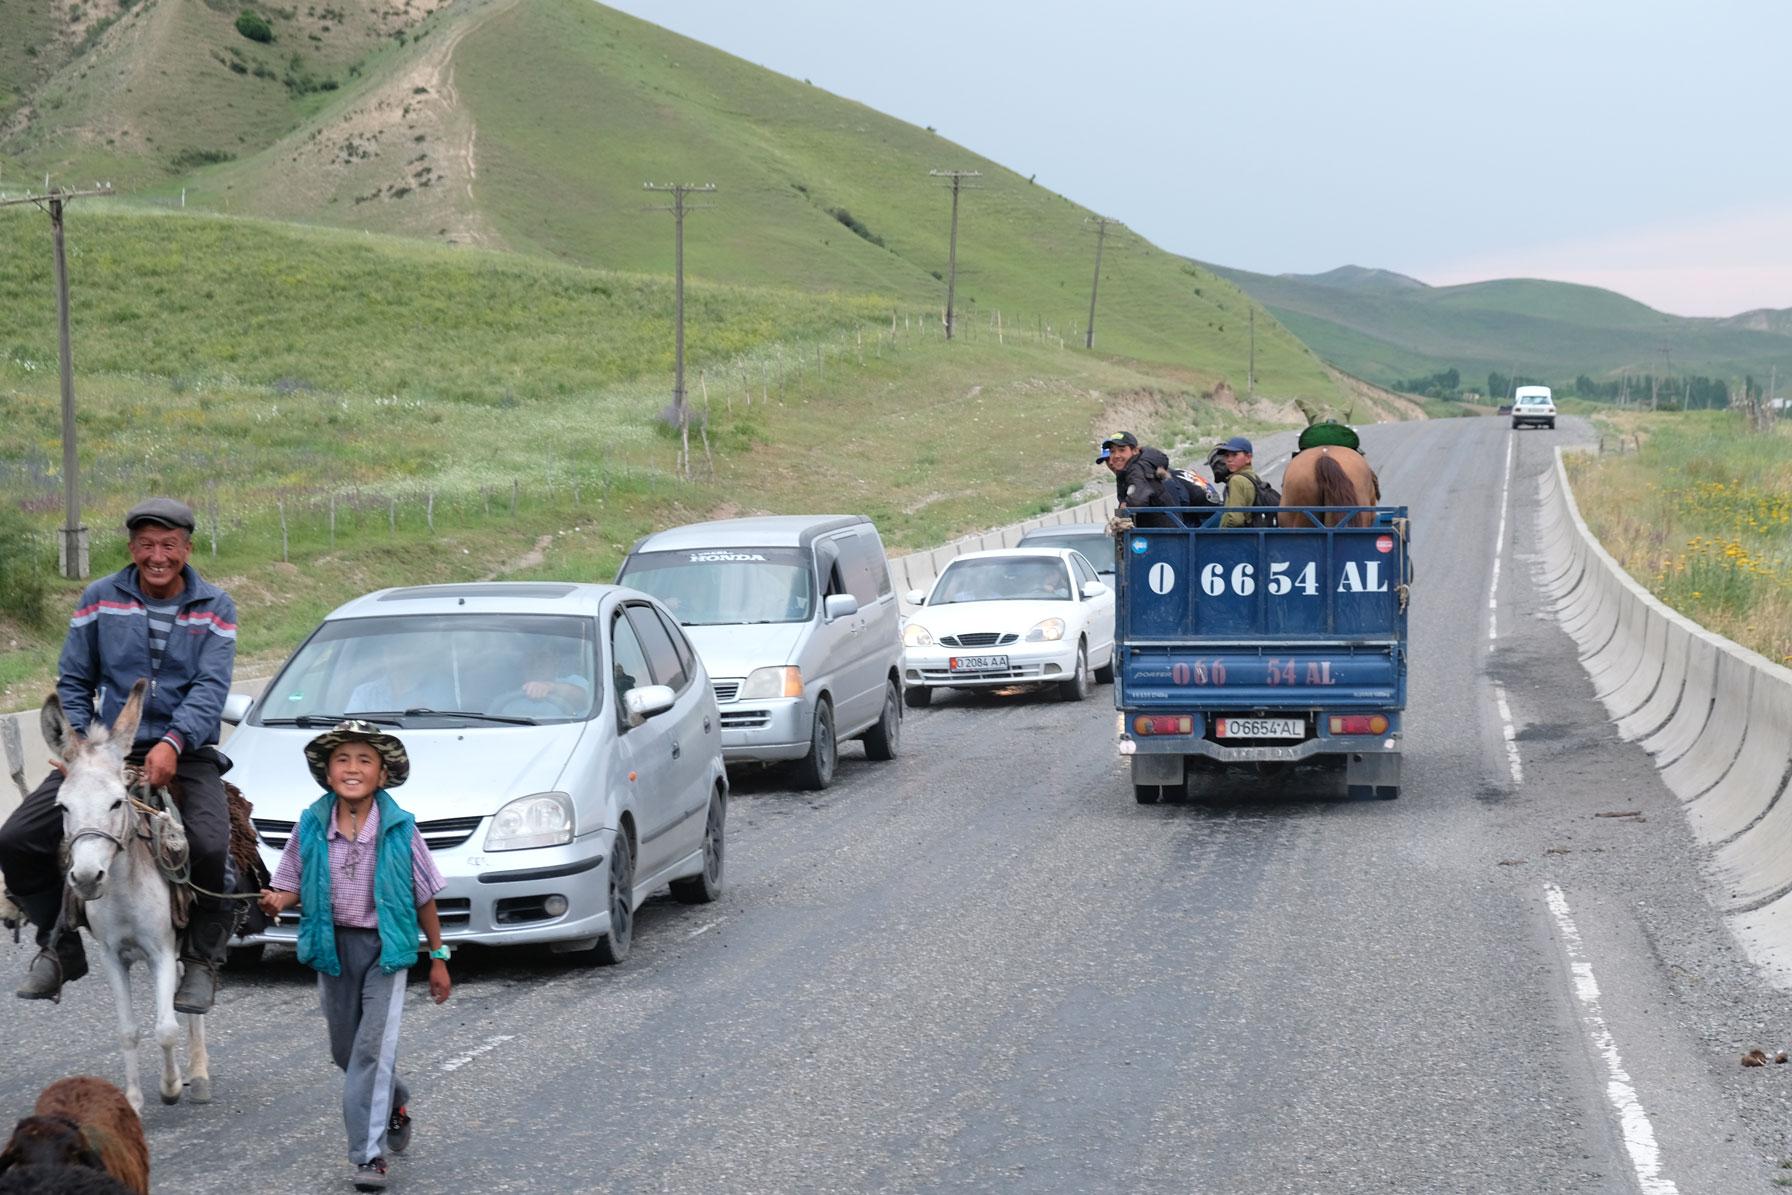 Autos auf einer Straße werden von einem Mann auf einem Esel aufgehalten.